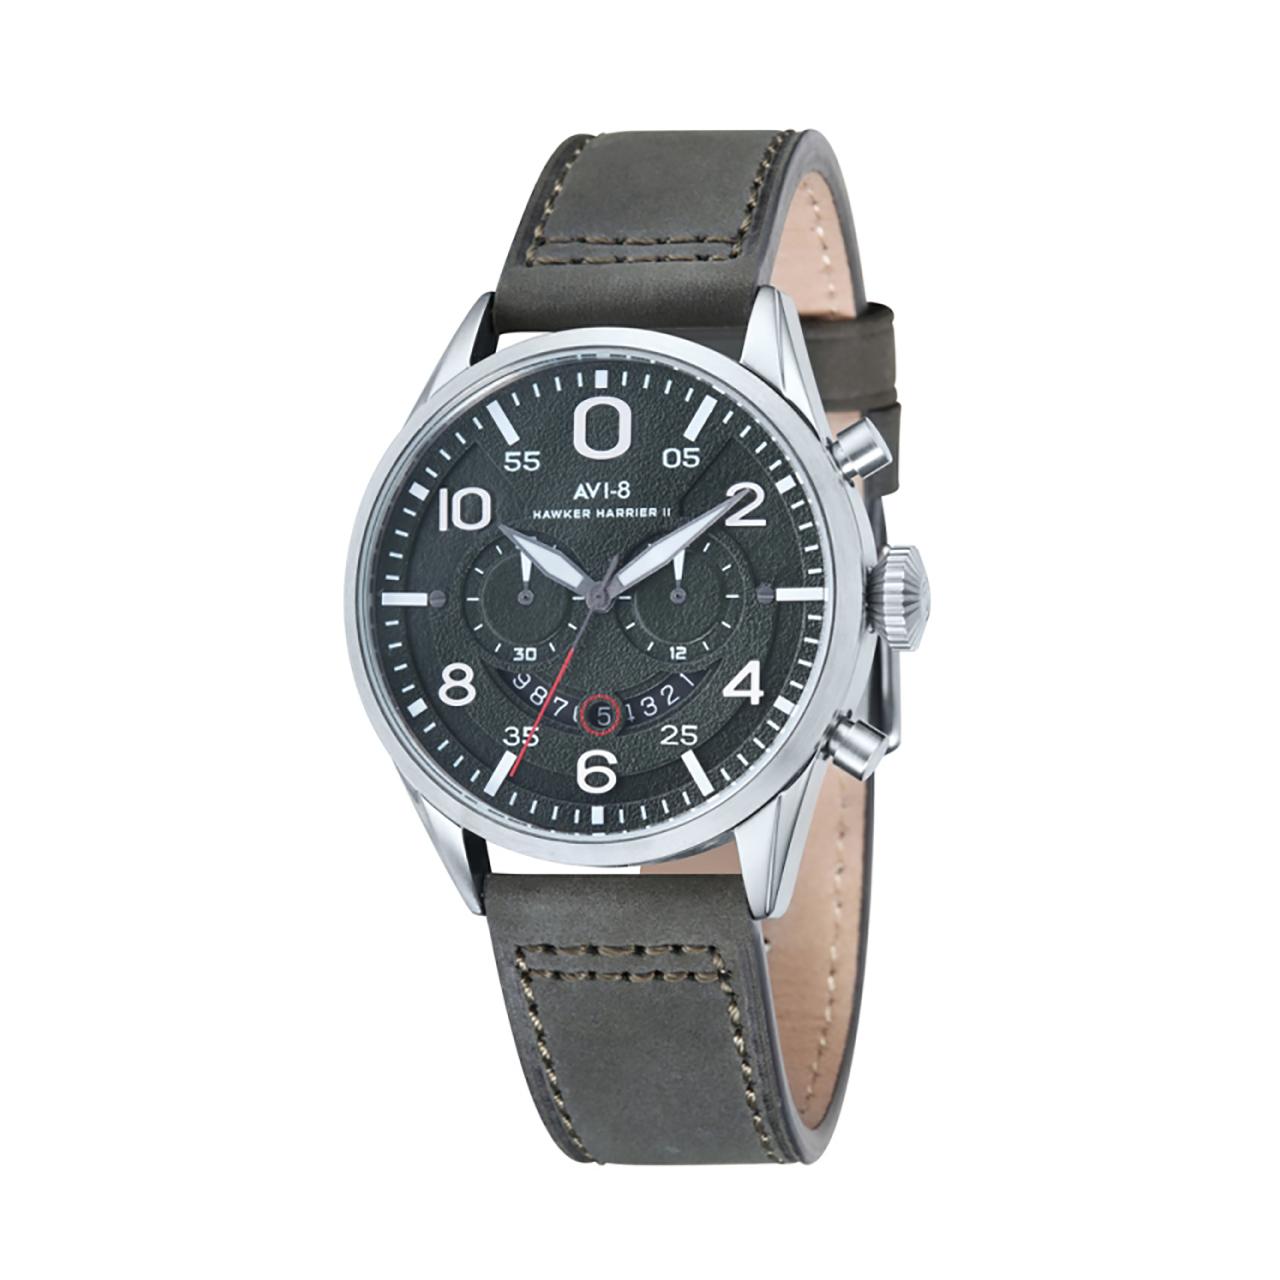 ساعت مچی عقربه ای مردانه ای وی-8 مدل AV-4031-03